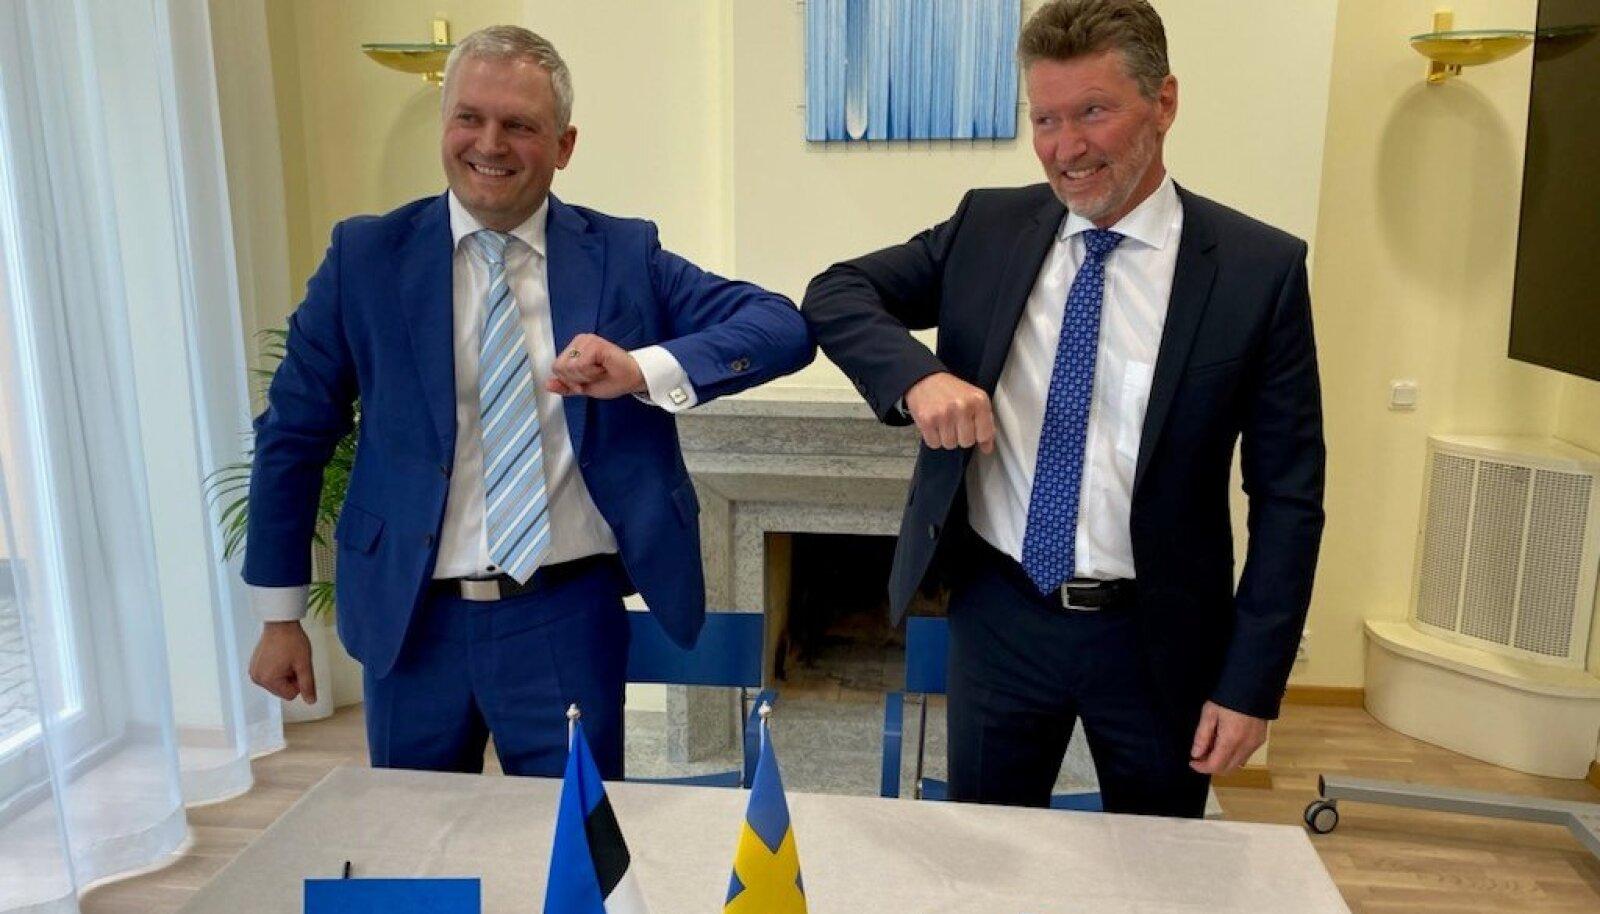 Калев Каллеметс и Торбьорн Вальборг